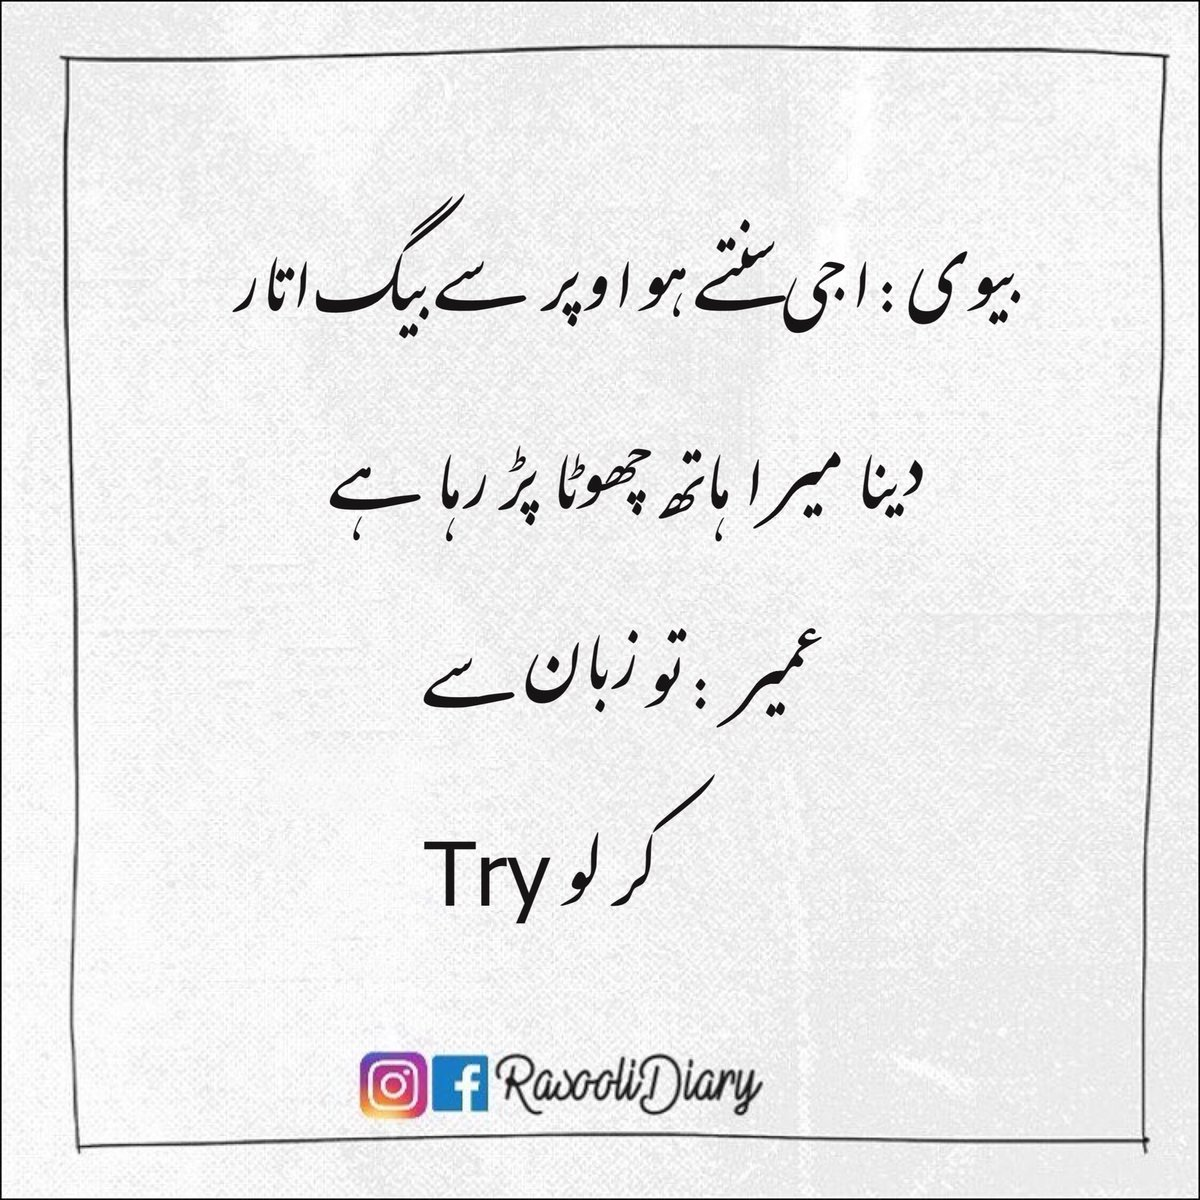 Media Tweets by Urdu Poetry (@rasoolidiary) | Twitter